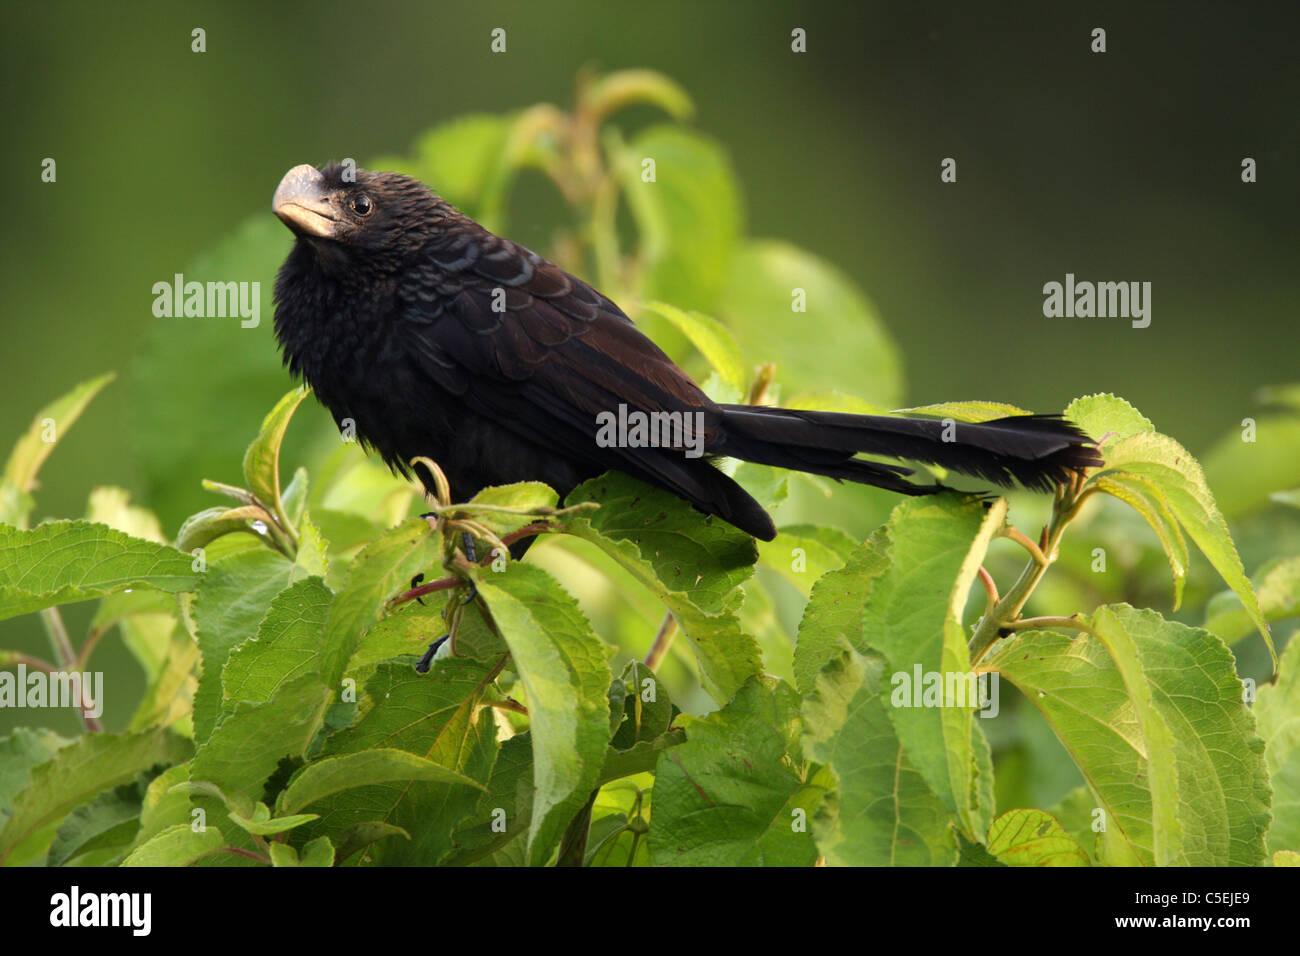 Smooth-billed Ani, Crotophaga ani, Darien National Park, Panama. - Stock Image